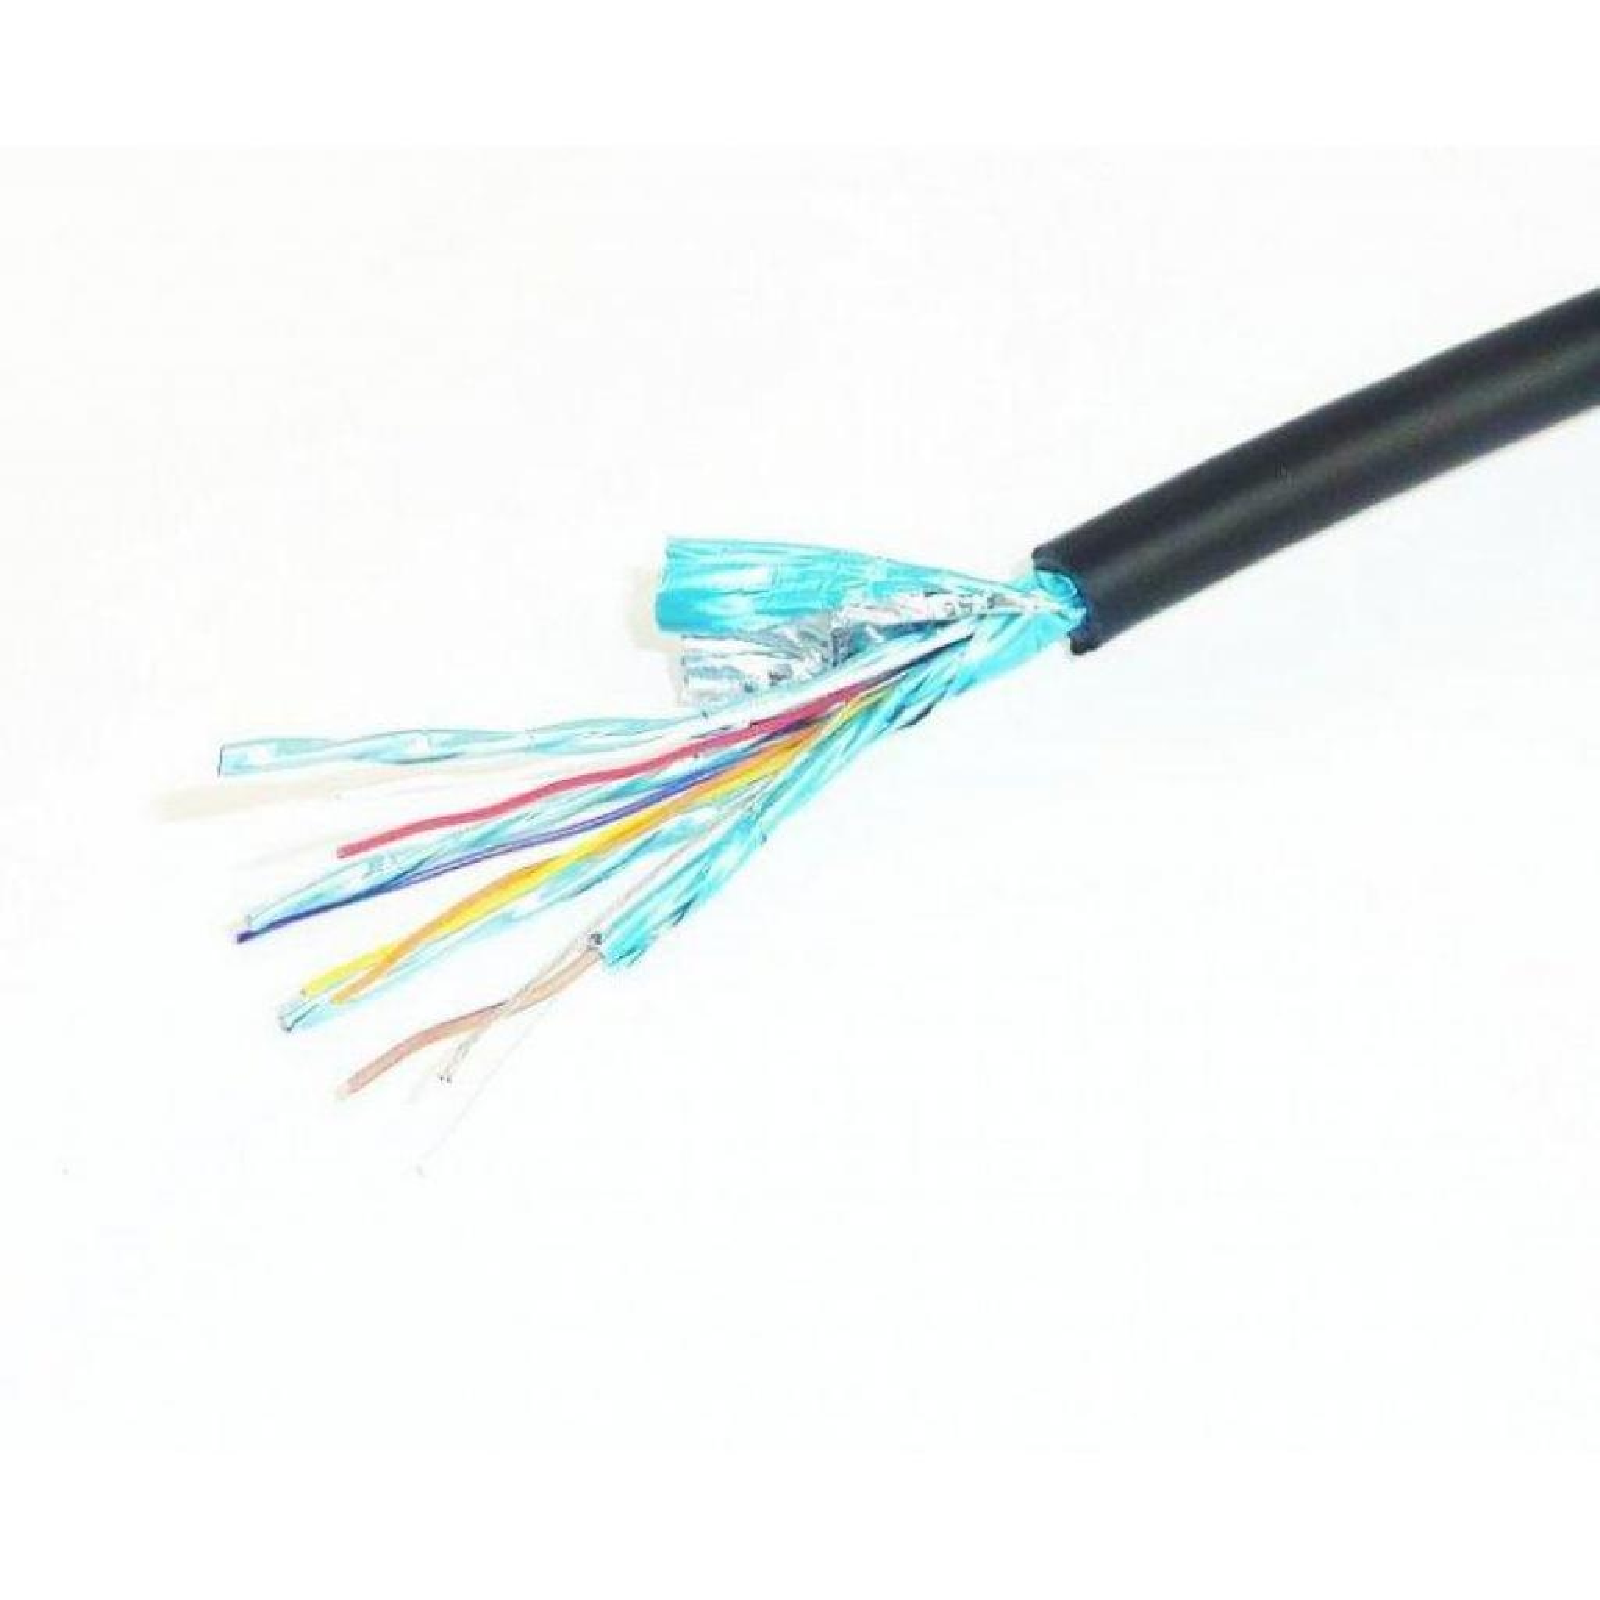 Кабель мультимедийный DisplayPort to HDMI 5.0m Cablexpert (CC-DP-HDMI-5M) изображение 4